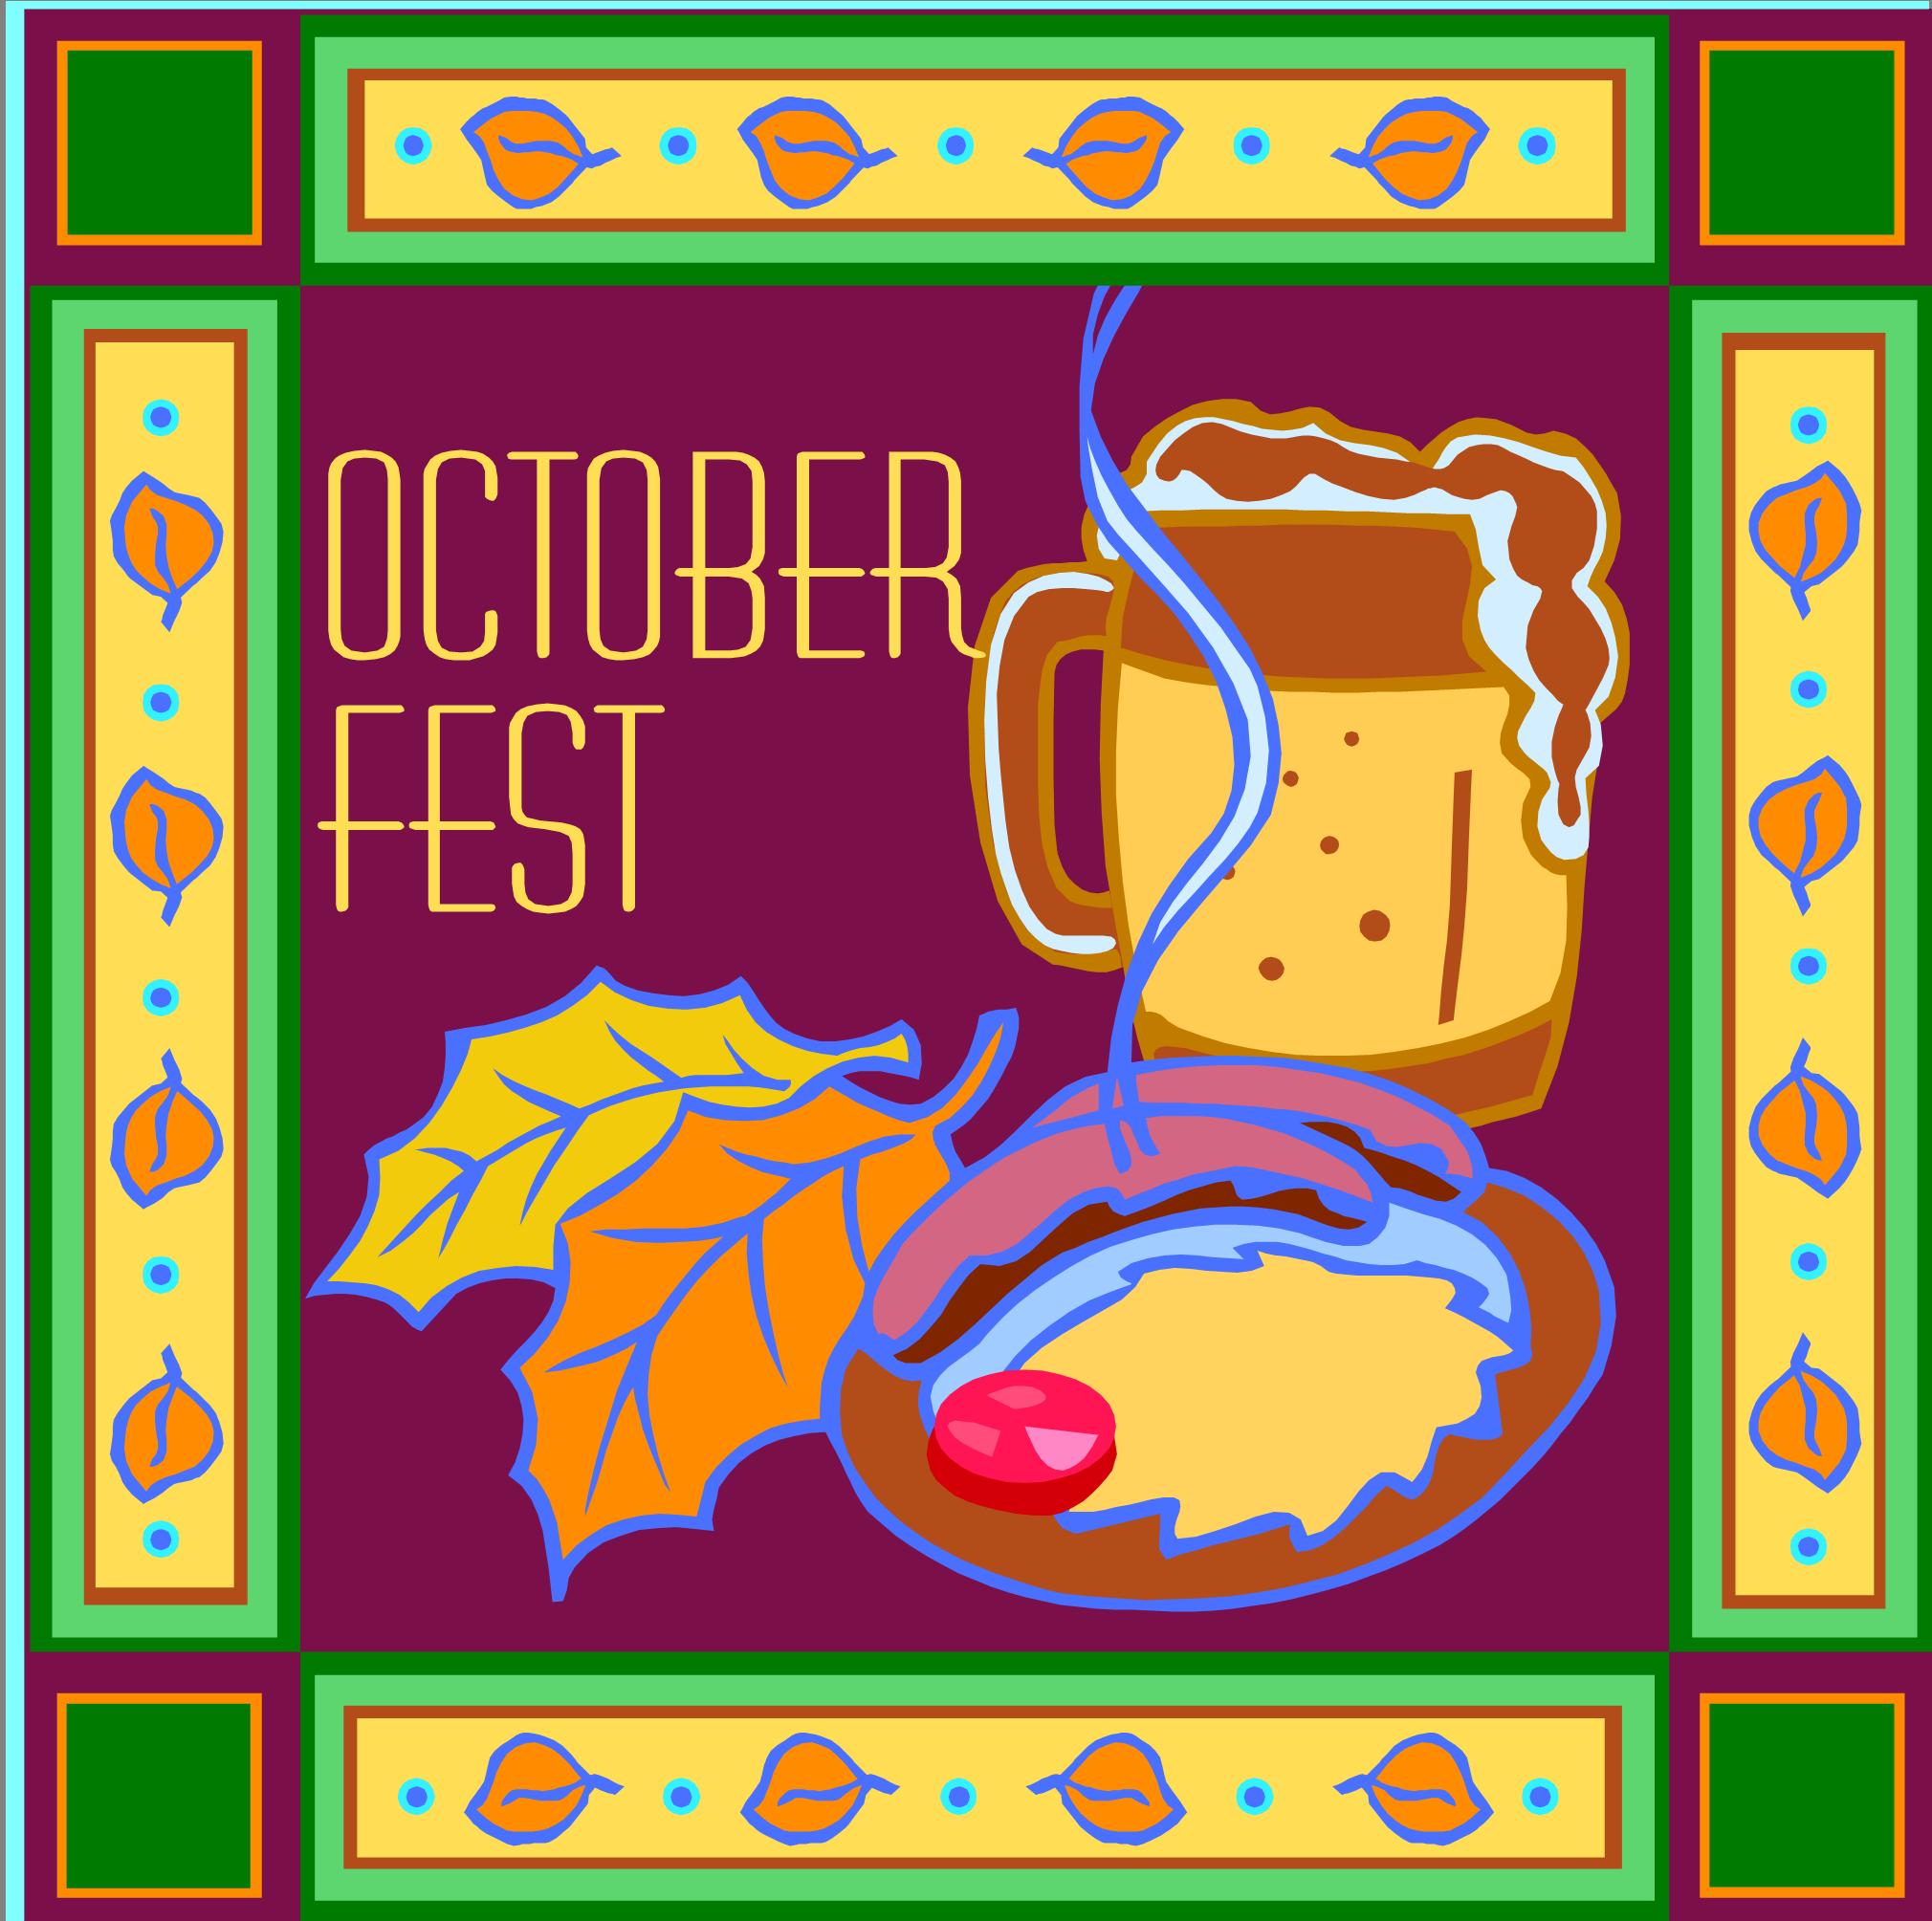 southlake oktoberfest vendors